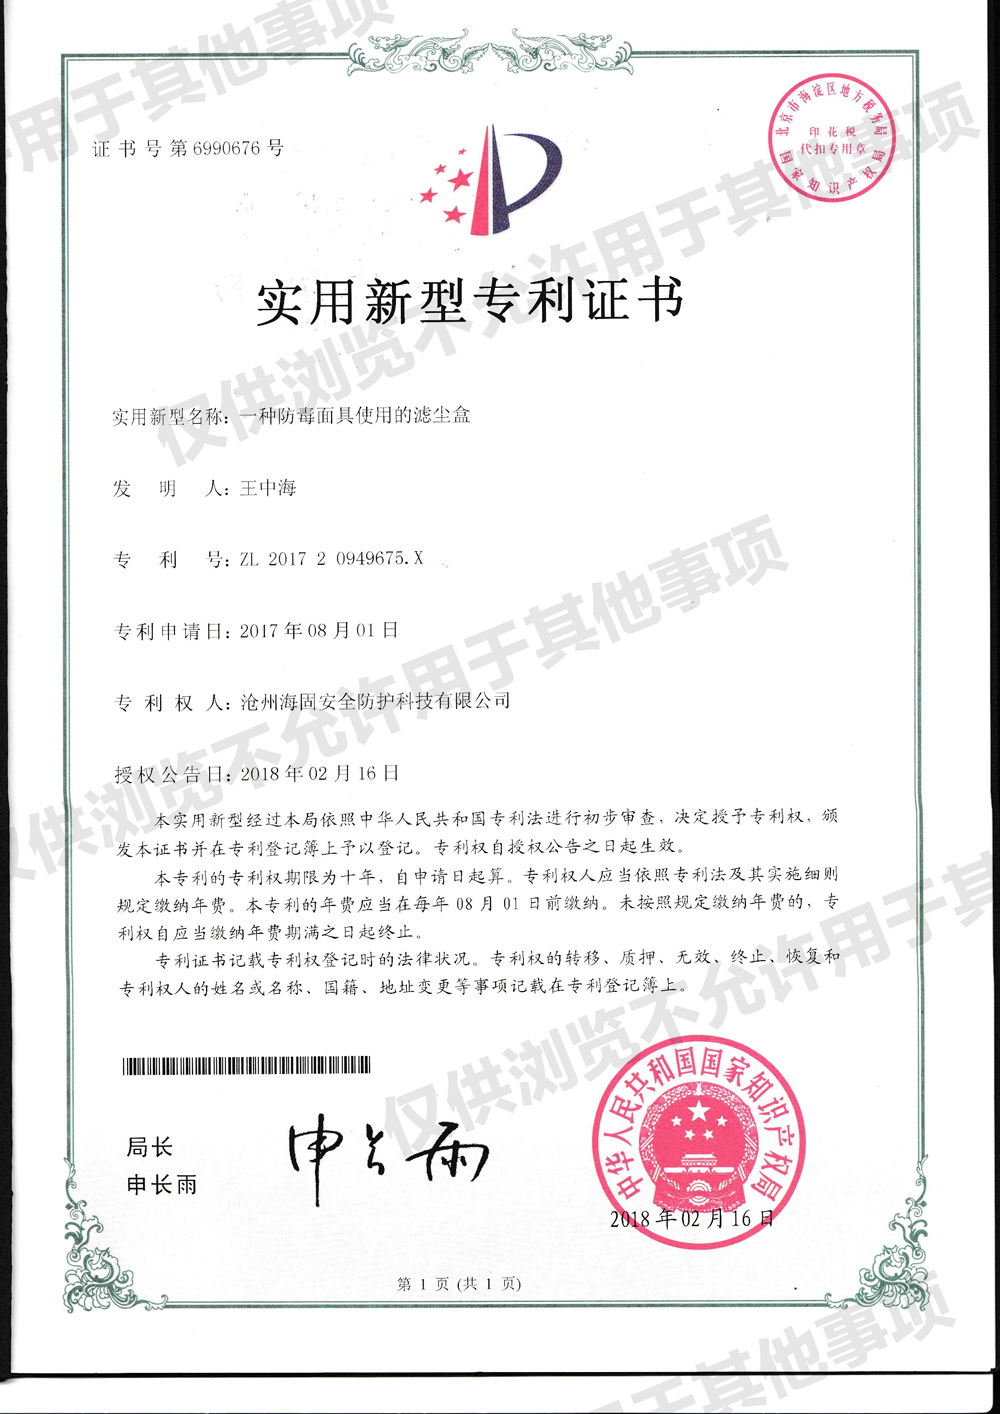 http://www.czhaigu.com/uploads/zizhi/zhuanlizhengshu/6.jpg